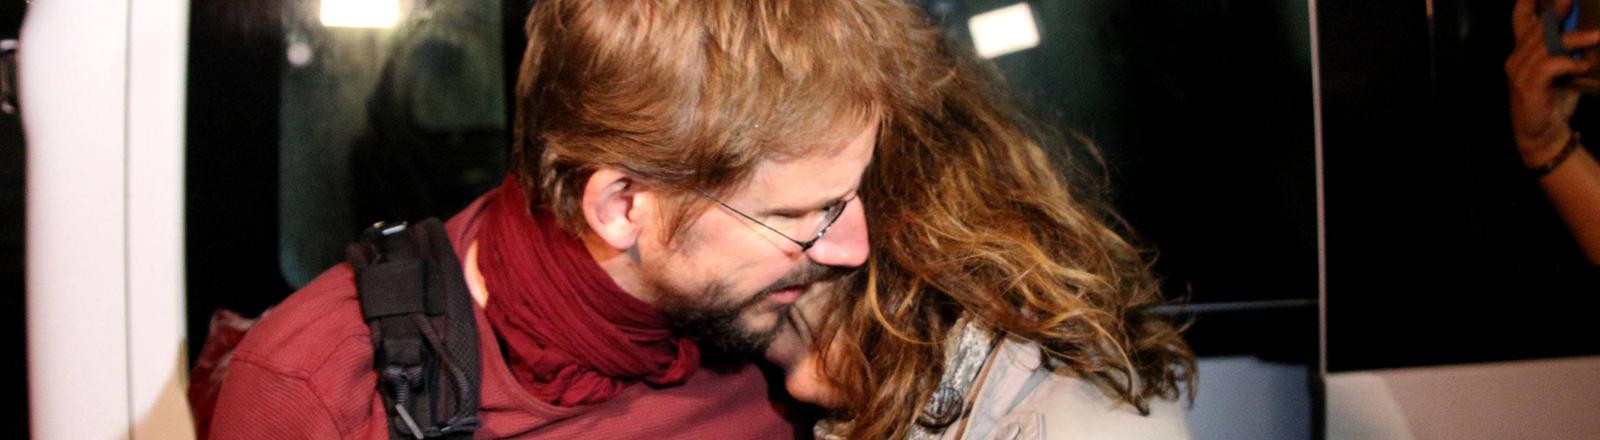 Peter Steudtner nach seiner Haftentlassung in der Türkei (25.10.2017).